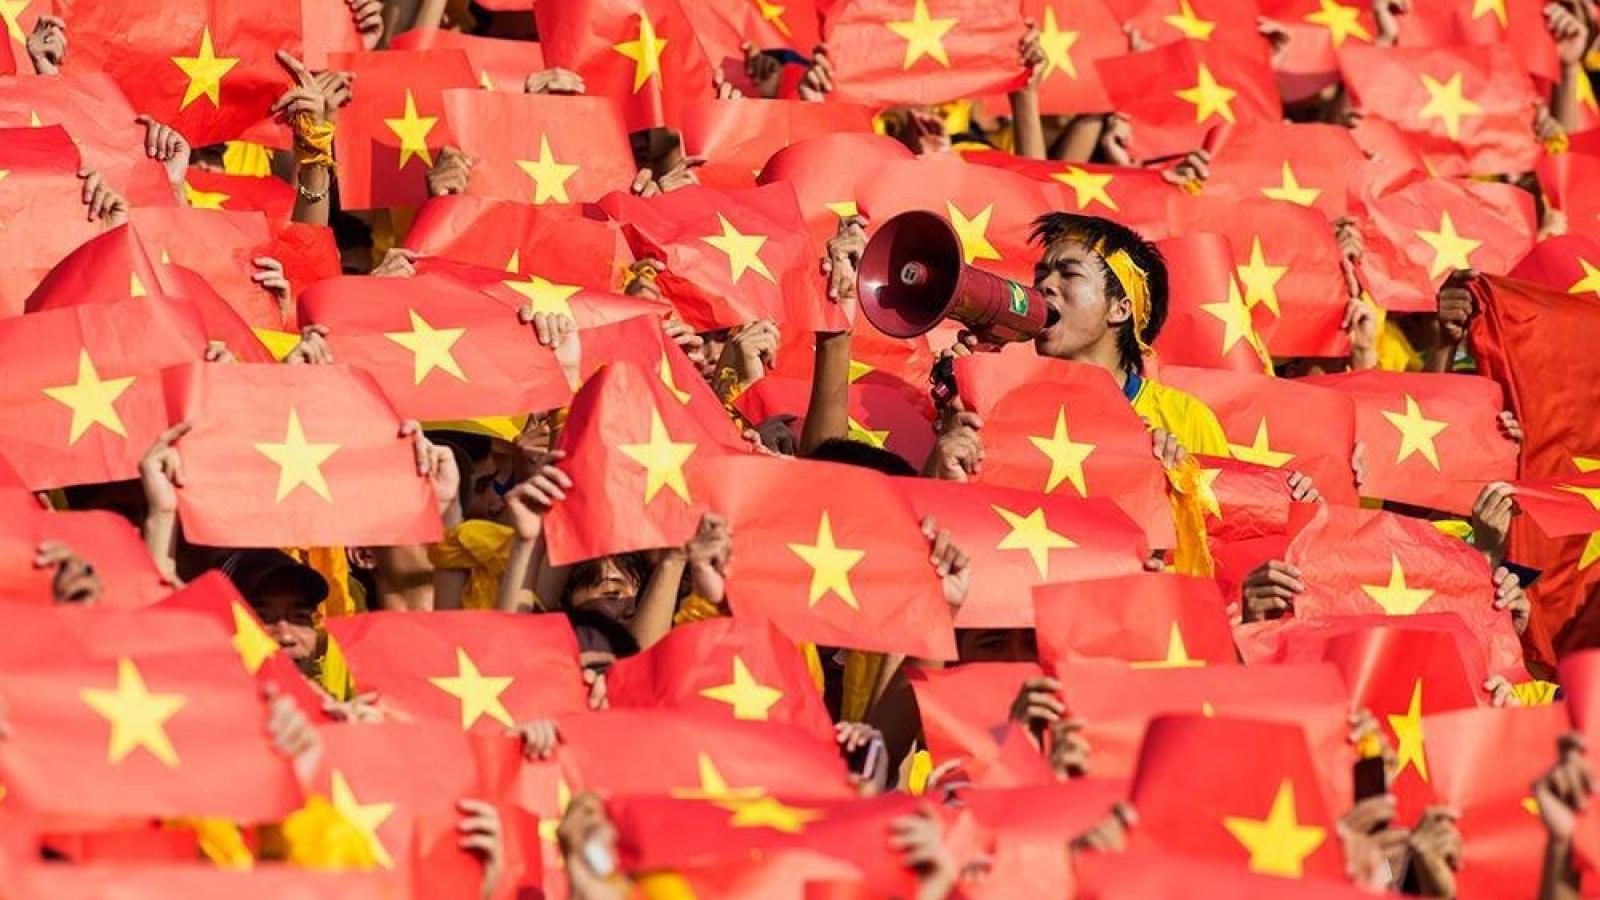 Cổ động viên SLNA: 'Mong CLB luôn giữ gìn bản sắc đội bóng xứ Nghệ'